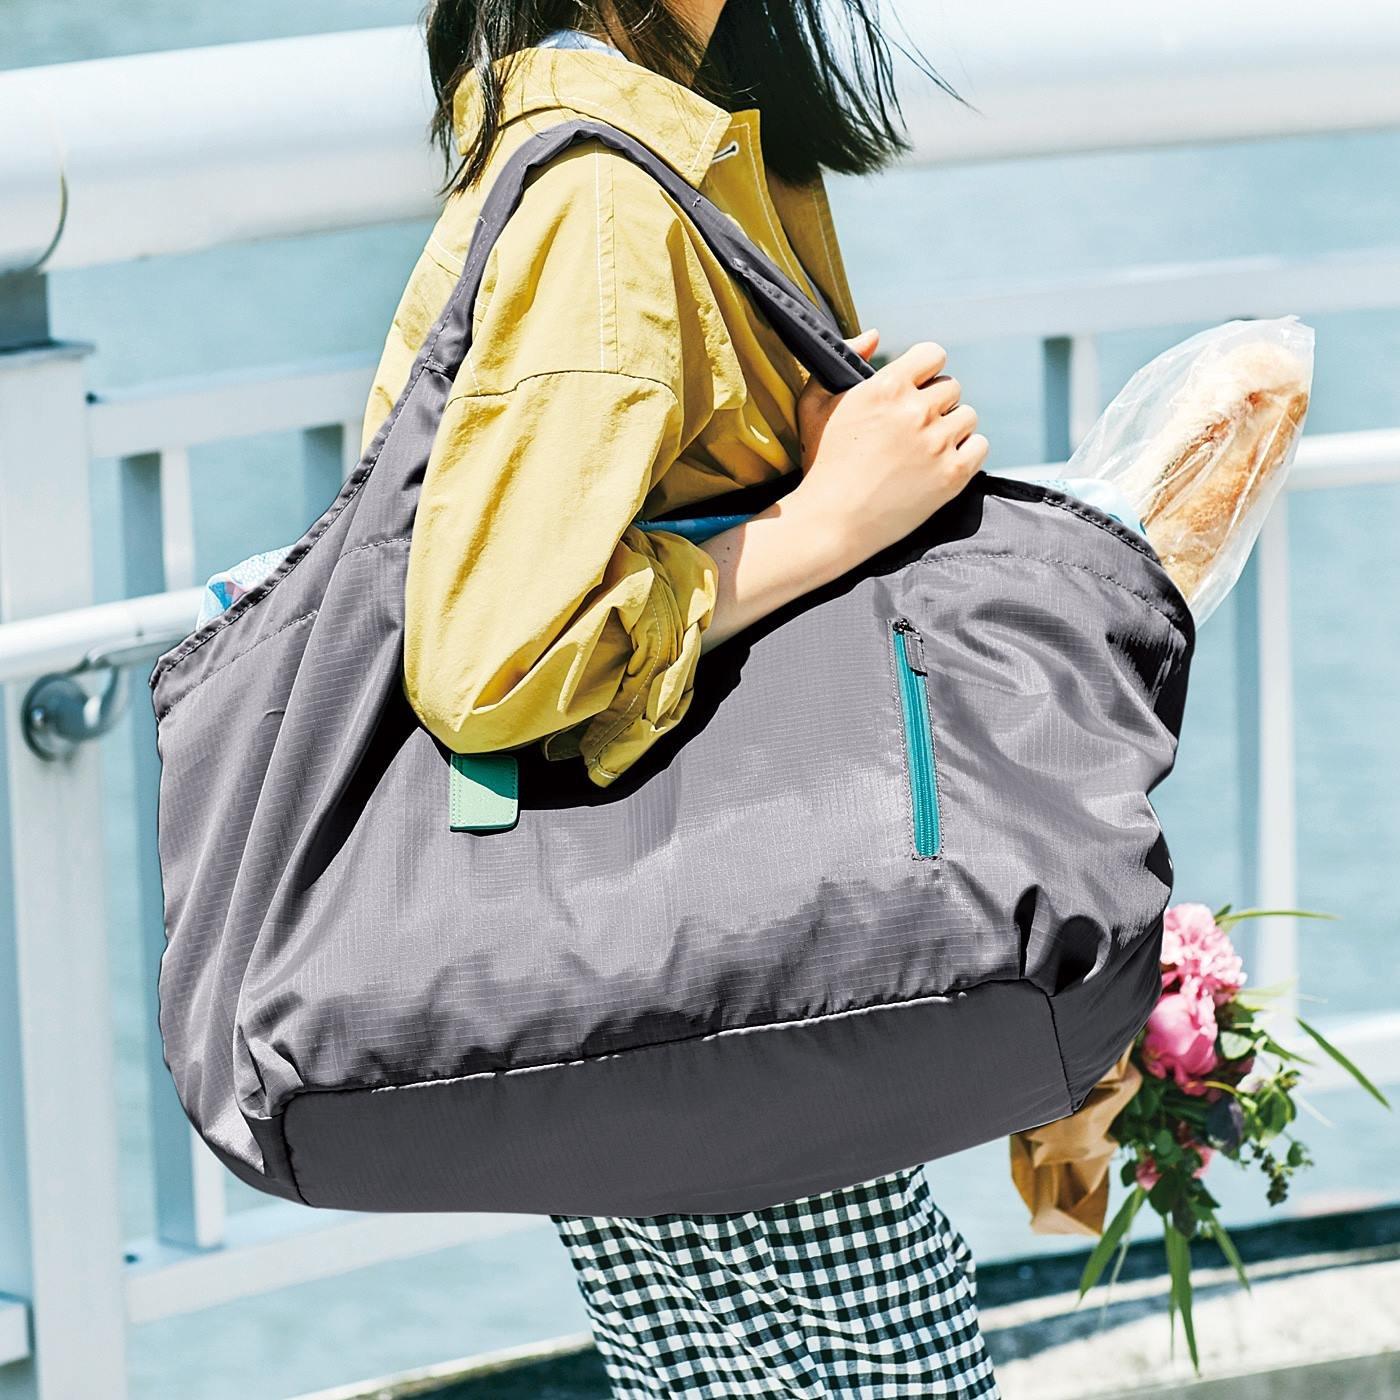 レジカゴにフィット ファスナーで目隠しできるジャンボなマイバッグ